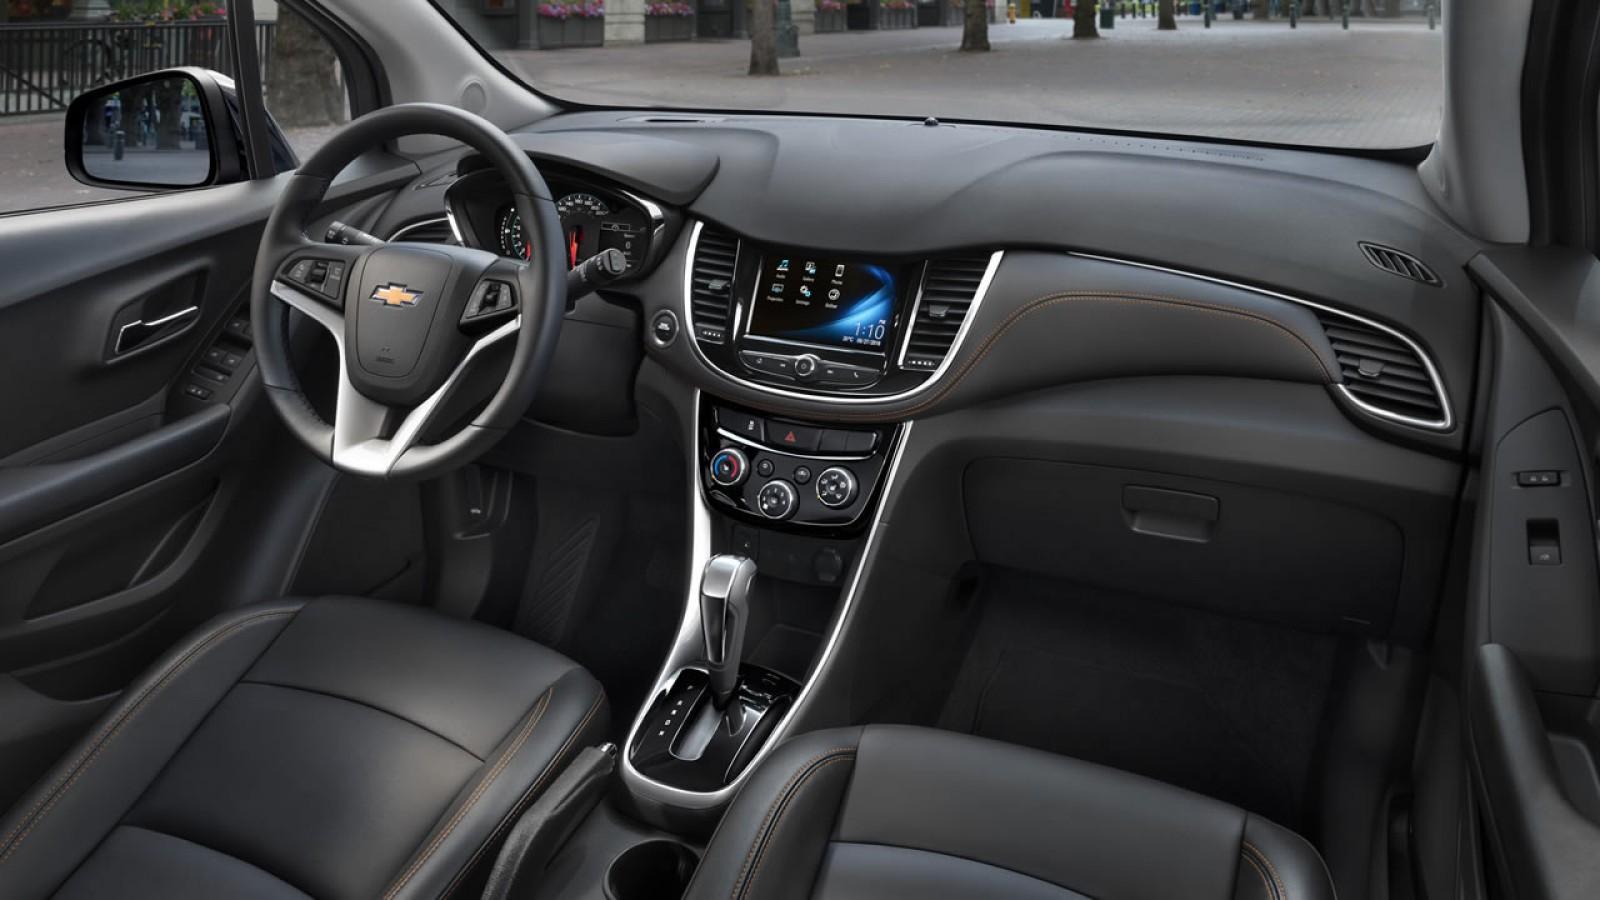 Chevrolet Trax 2018 llega a México con 4G LTE, aquí ...